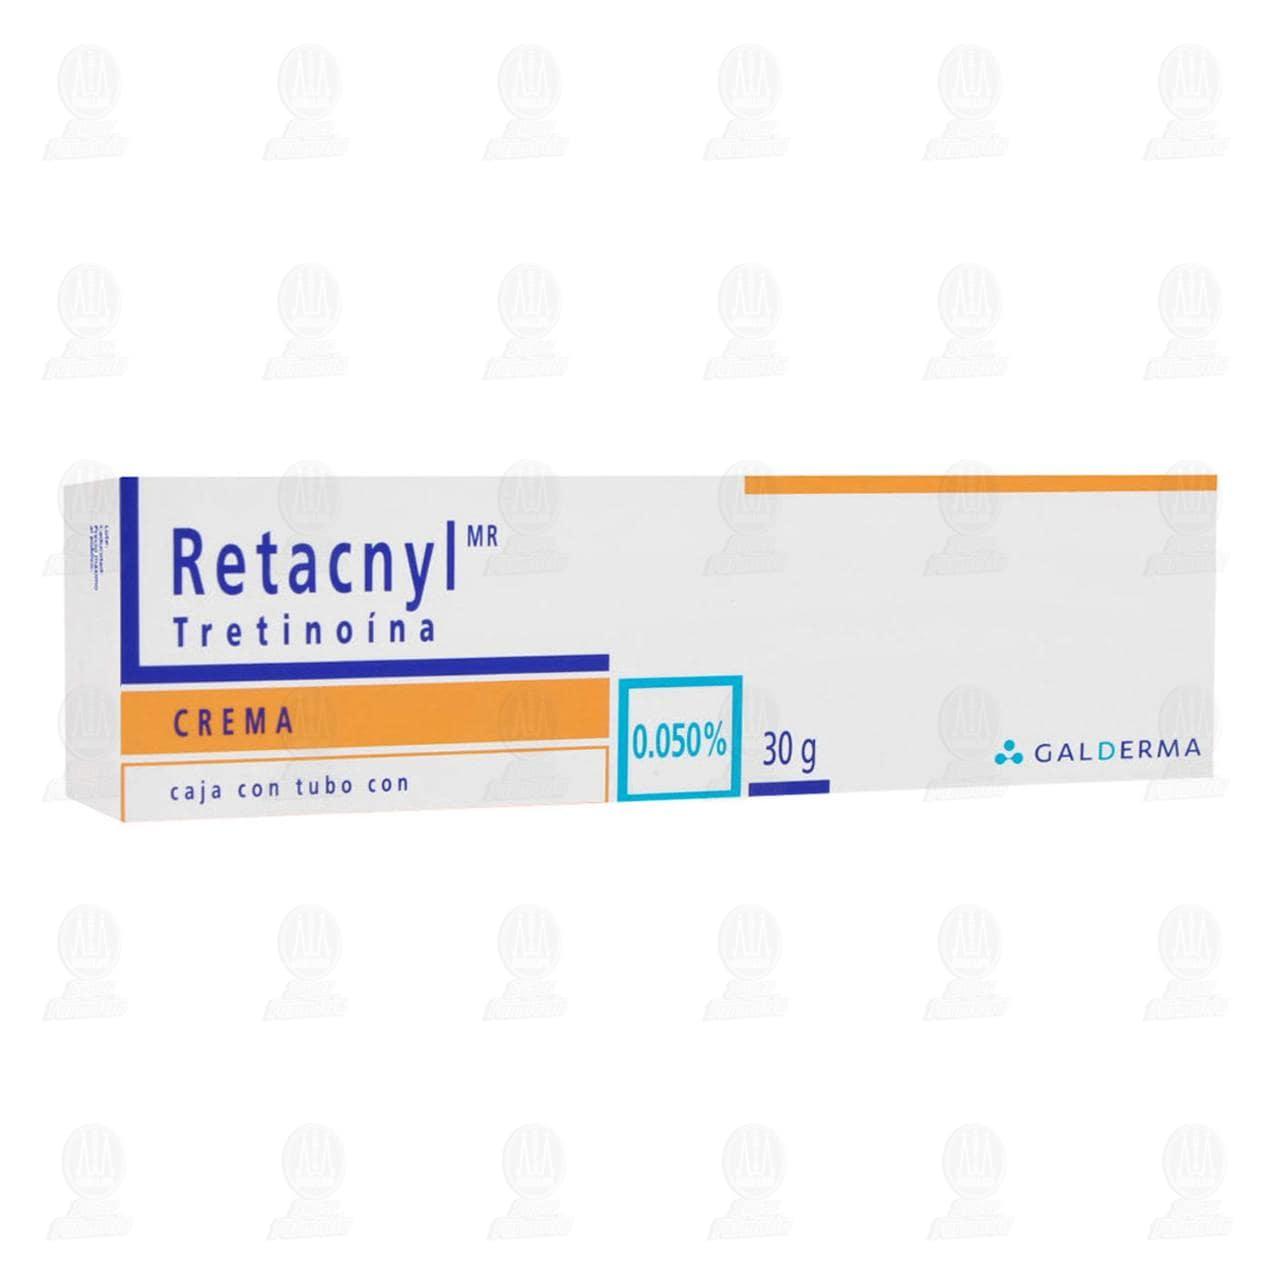 comprar https://www.movil.farmaciasguadalajara.com/wcsstore/FGCAS/wcs/products/108413_A_1280_AL.jpg en farmacias guadalajara